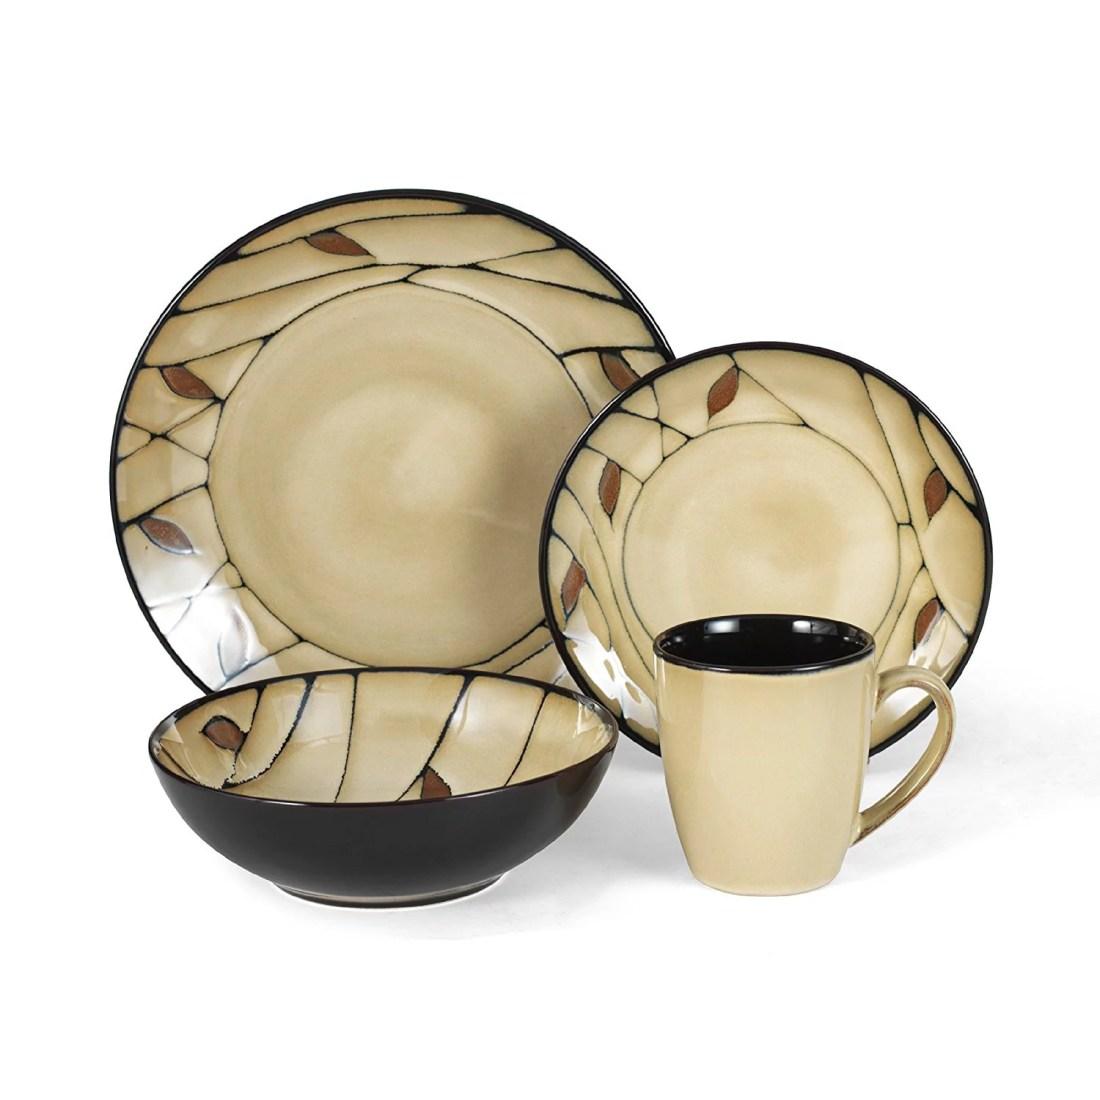 Briar 16-Piece Round Stoneware Dinnerware Set, This 16-piece dinnerware service for four includes 4 each: 11-inch dinner plate, 8-1/2-inch salad plate, 6-inch soup.., By Pfaltzgraff